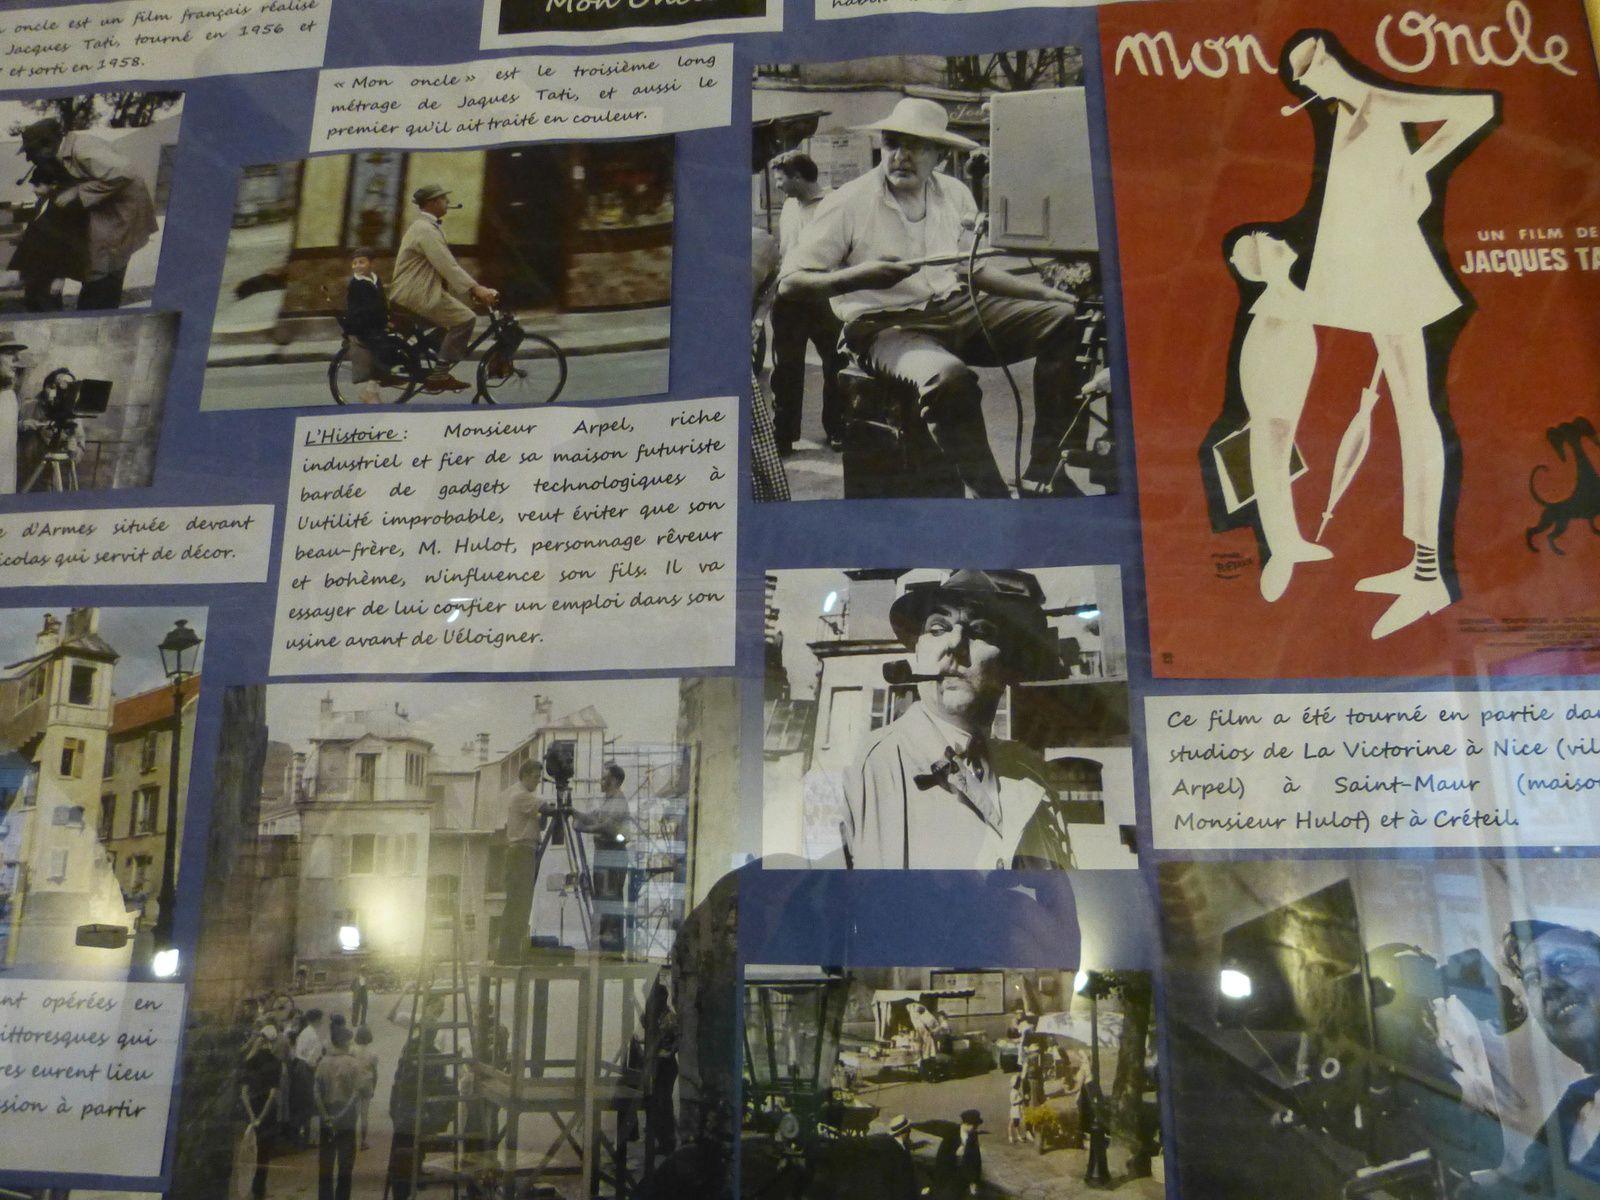 Bravo à cette initiative conjointe des archives municipales de St Maur 94 et du P.I.L.A. ou se tient cette excellente exposition sur les films tournés dans notre cité....